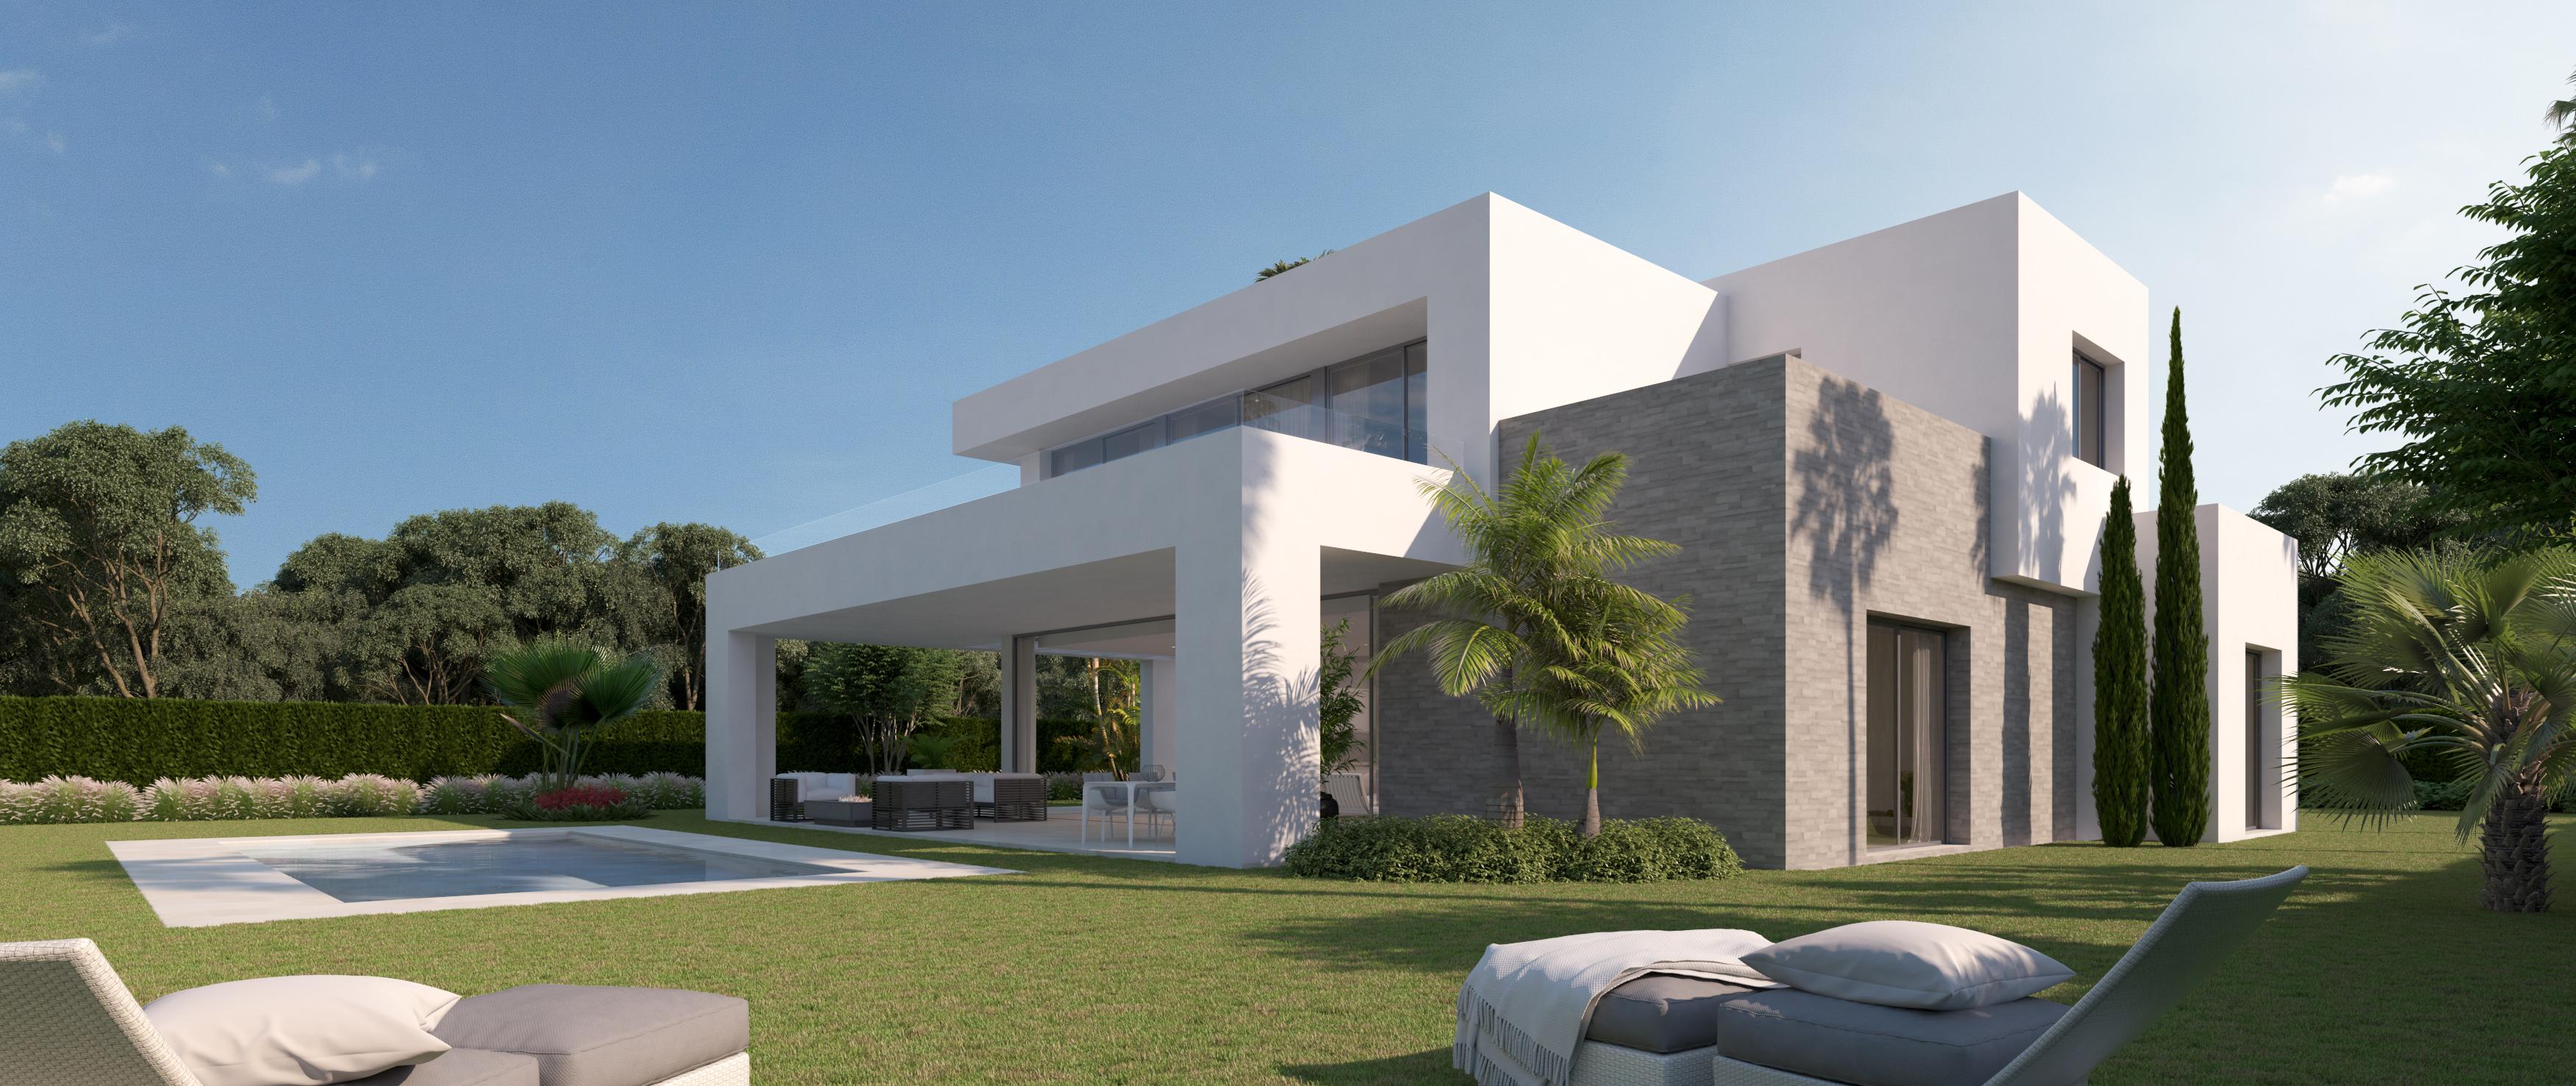 Schöne Immobilien an der Costa del Sol oder Costa Blanca